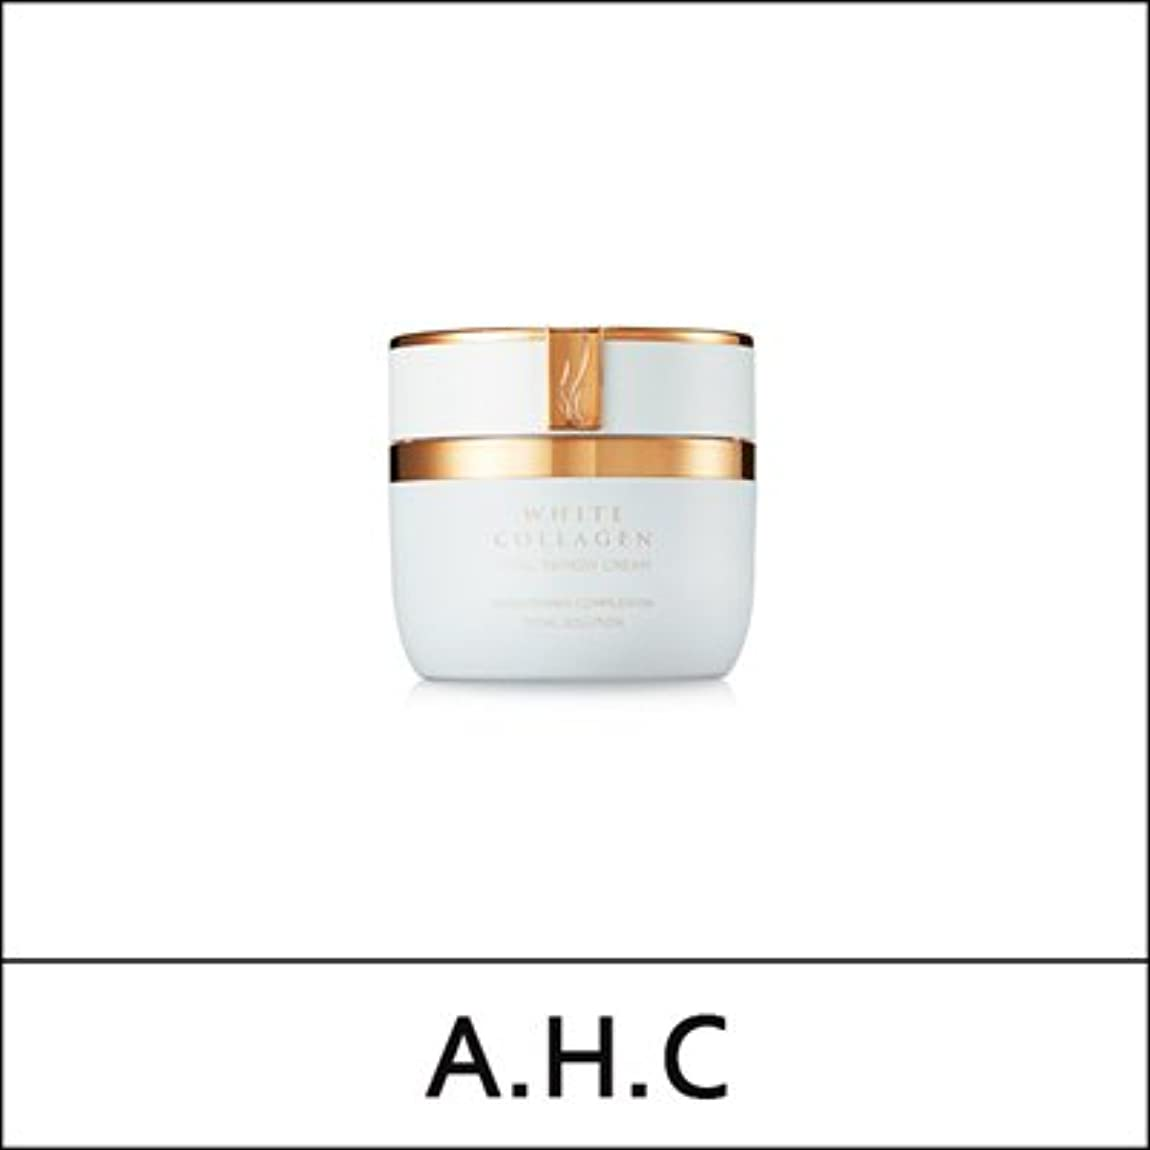 大保証不毛A.H.C (AHC) White Collagen Total Remedy Cream 50g/A.H.C ホワイト コラーゲン トータル レミディ クリーム 50g [並行輸入品]